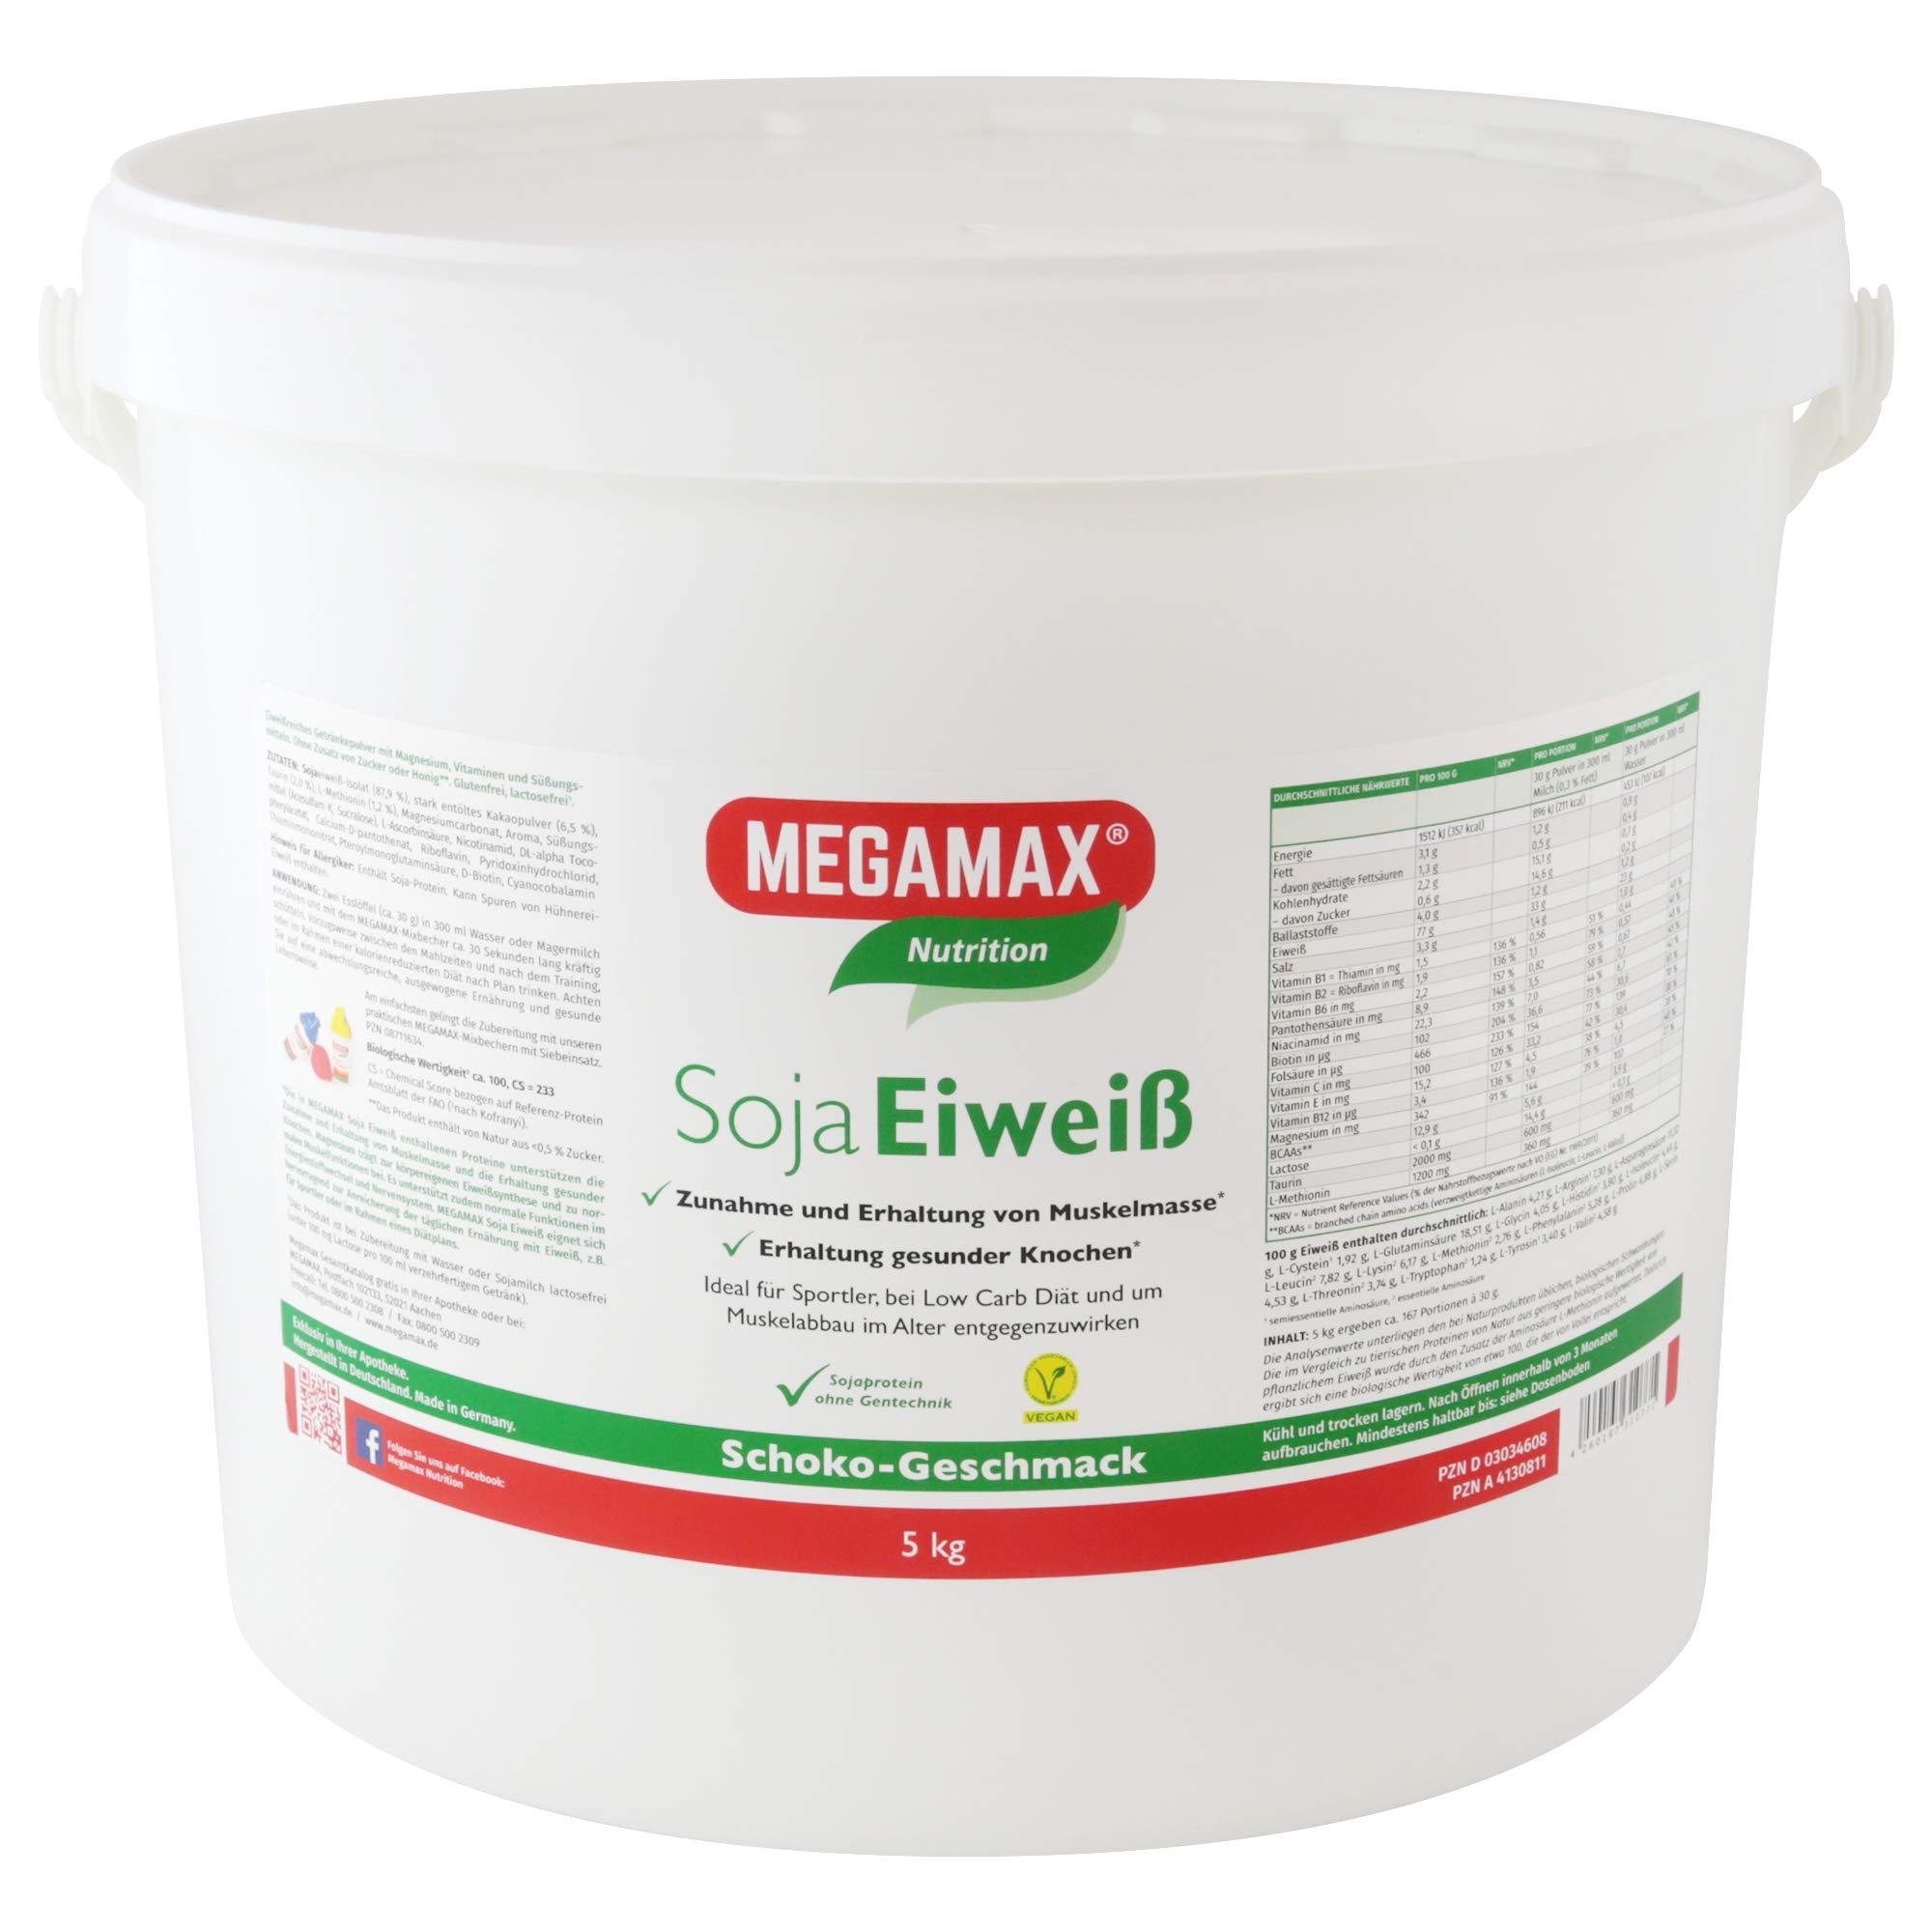 MEGAMAX - Soja Eiweiss - Proteínas de soja - Crecimiento muscular y dieta - Valor biológico aprox. 100 - Chocolate - 5 kg: Amazon.es: Deportes y aire libre